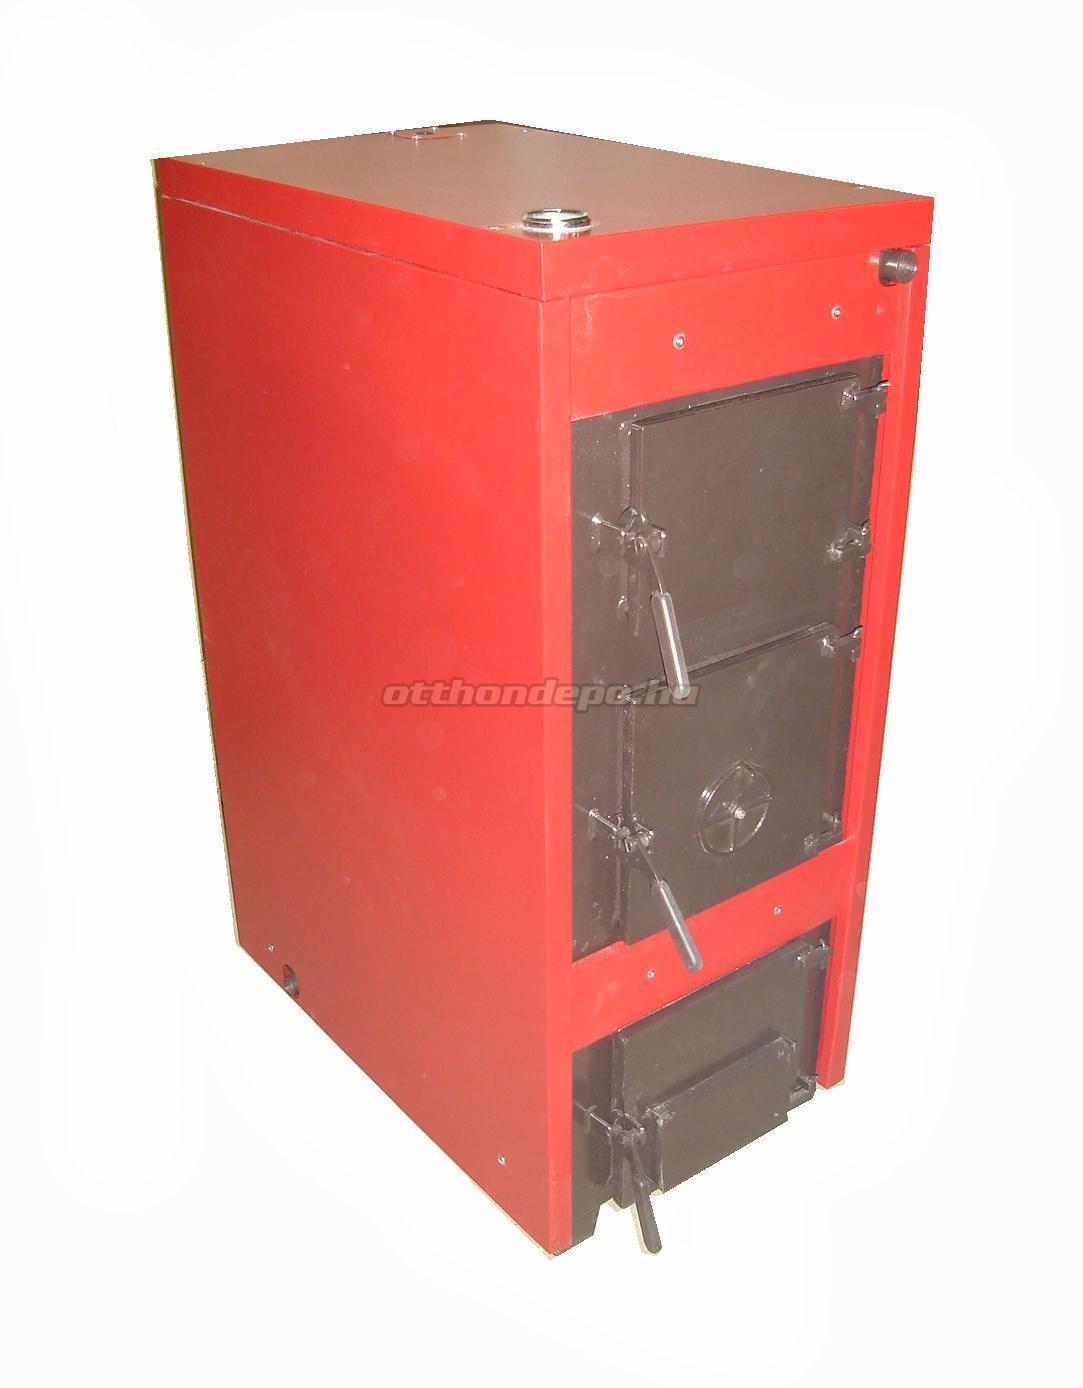 Hőtechnika Hőtechnika, Hőterm Simplex Novus 01 , vegyestüzelésű kazán, lemez